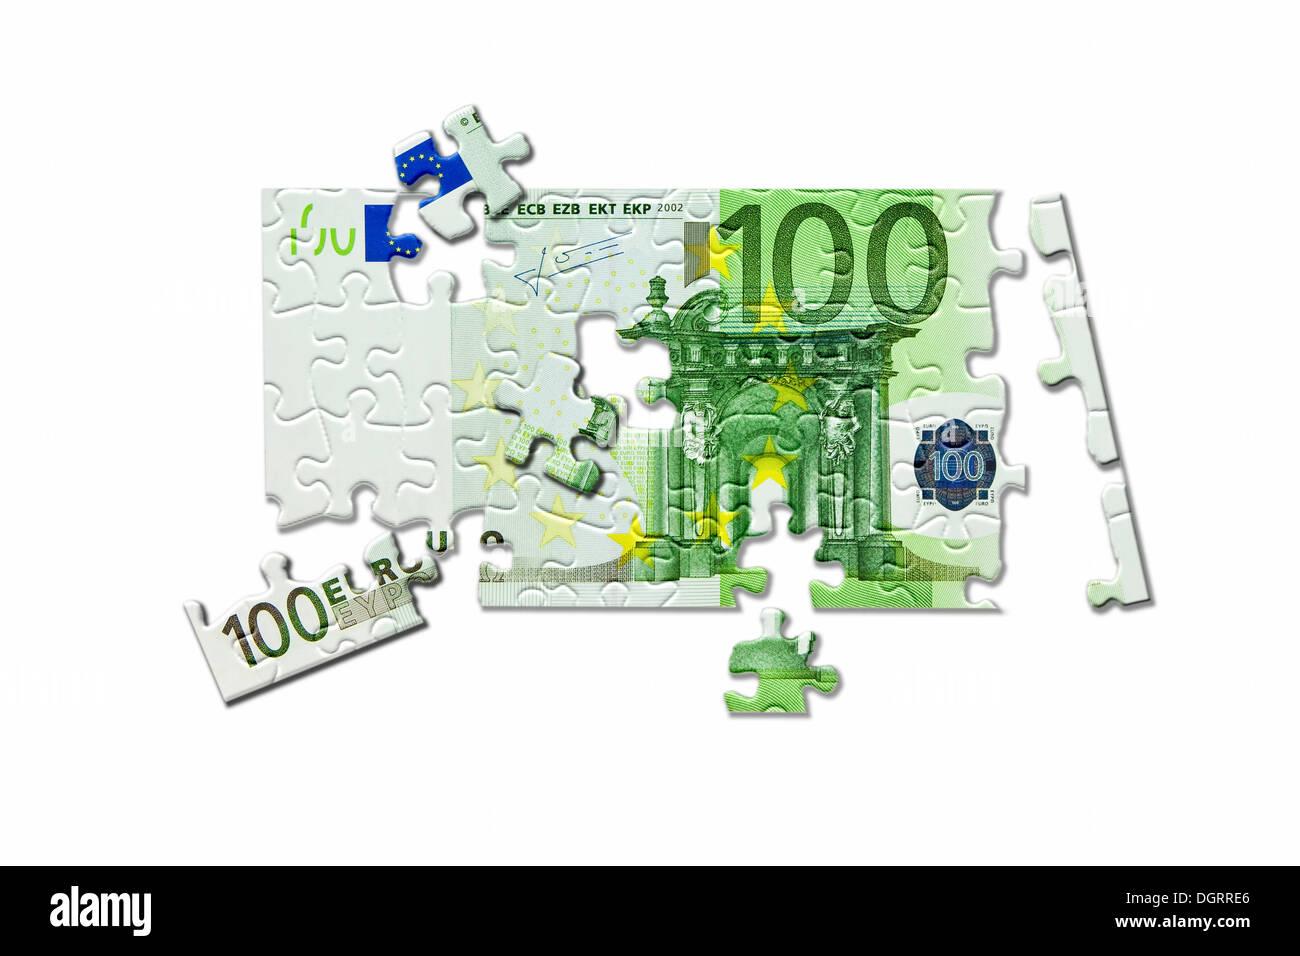 100-billet d'Euro dissolvant, puzzle, désintégration de l'euro, l'image symbolique Photo Stock